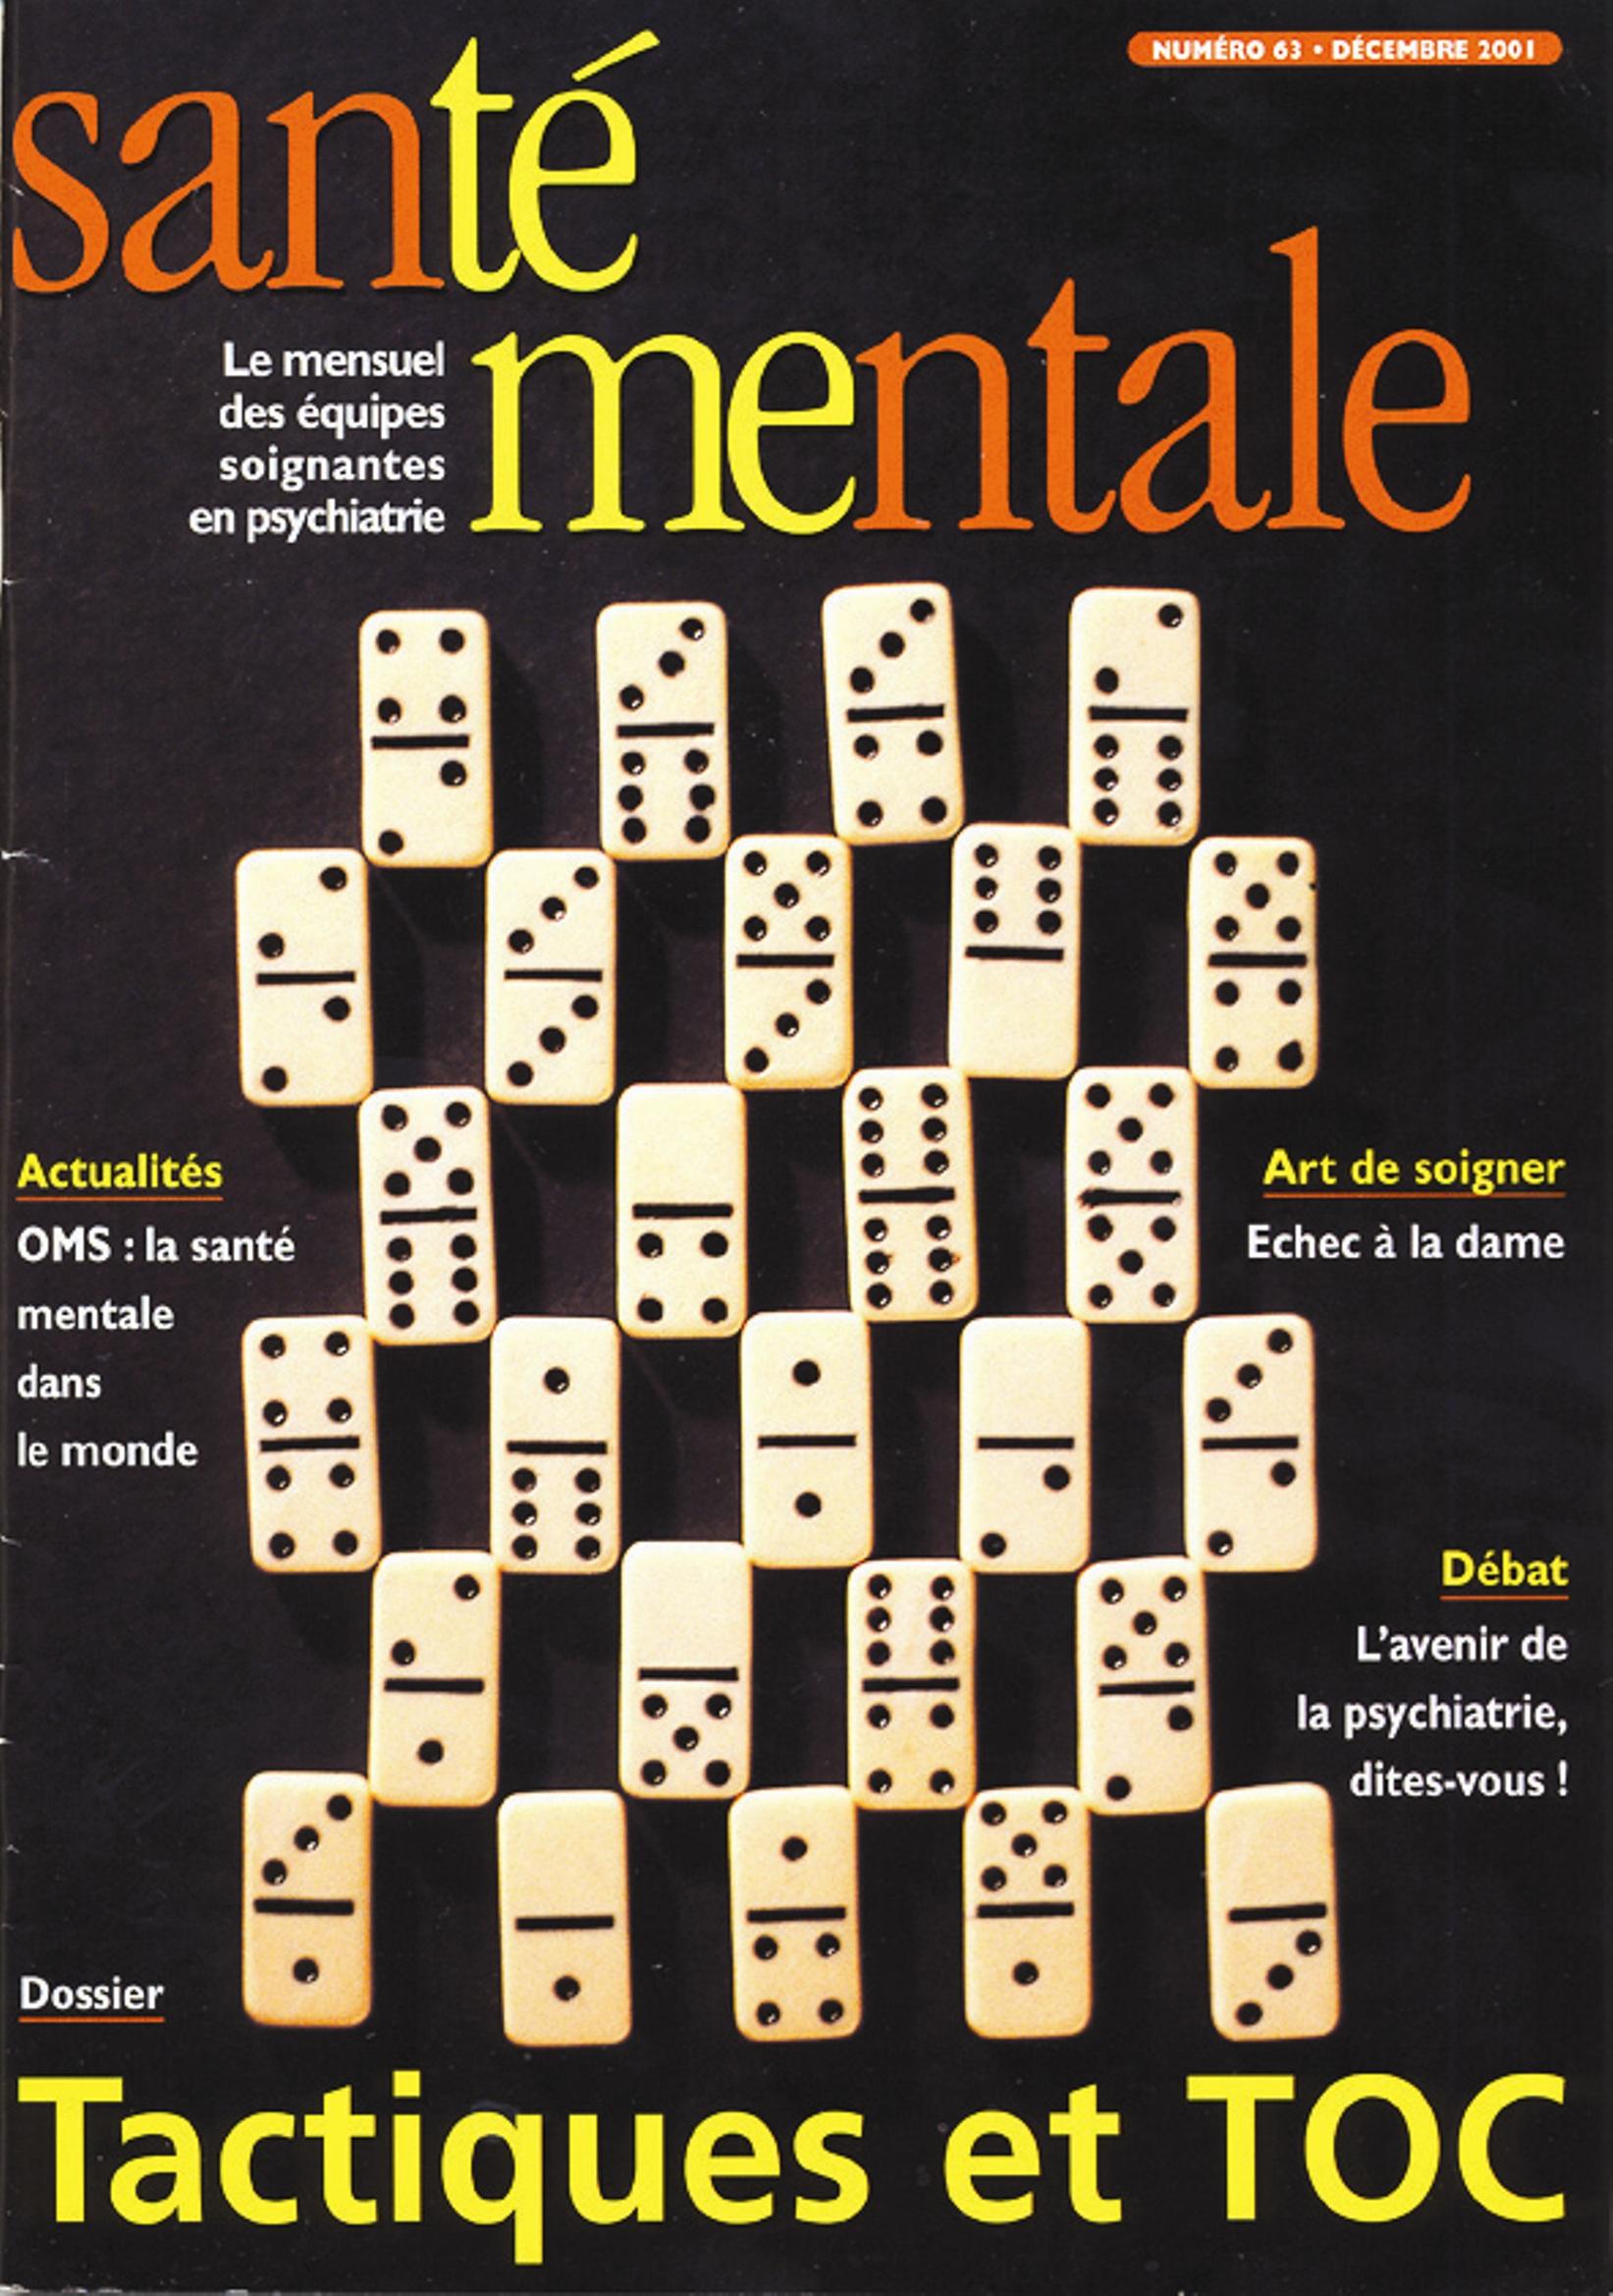 Couverture N°63 décembre 2001